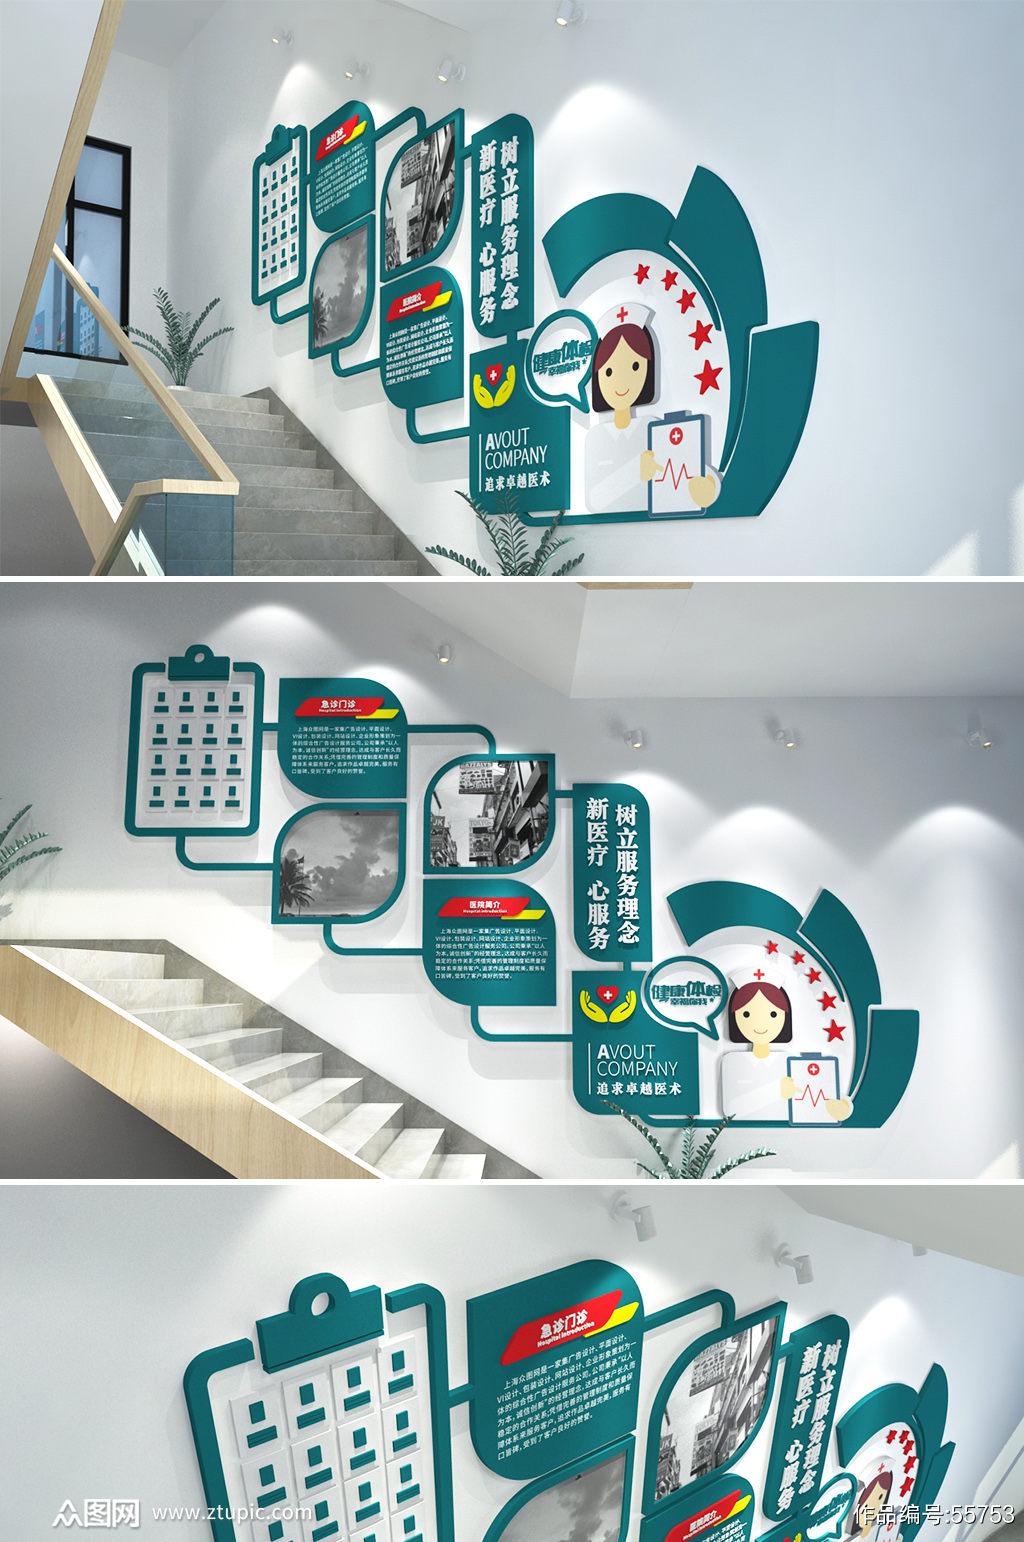 现代几何医院骨科楼梯文化墙创意设计效果图素材